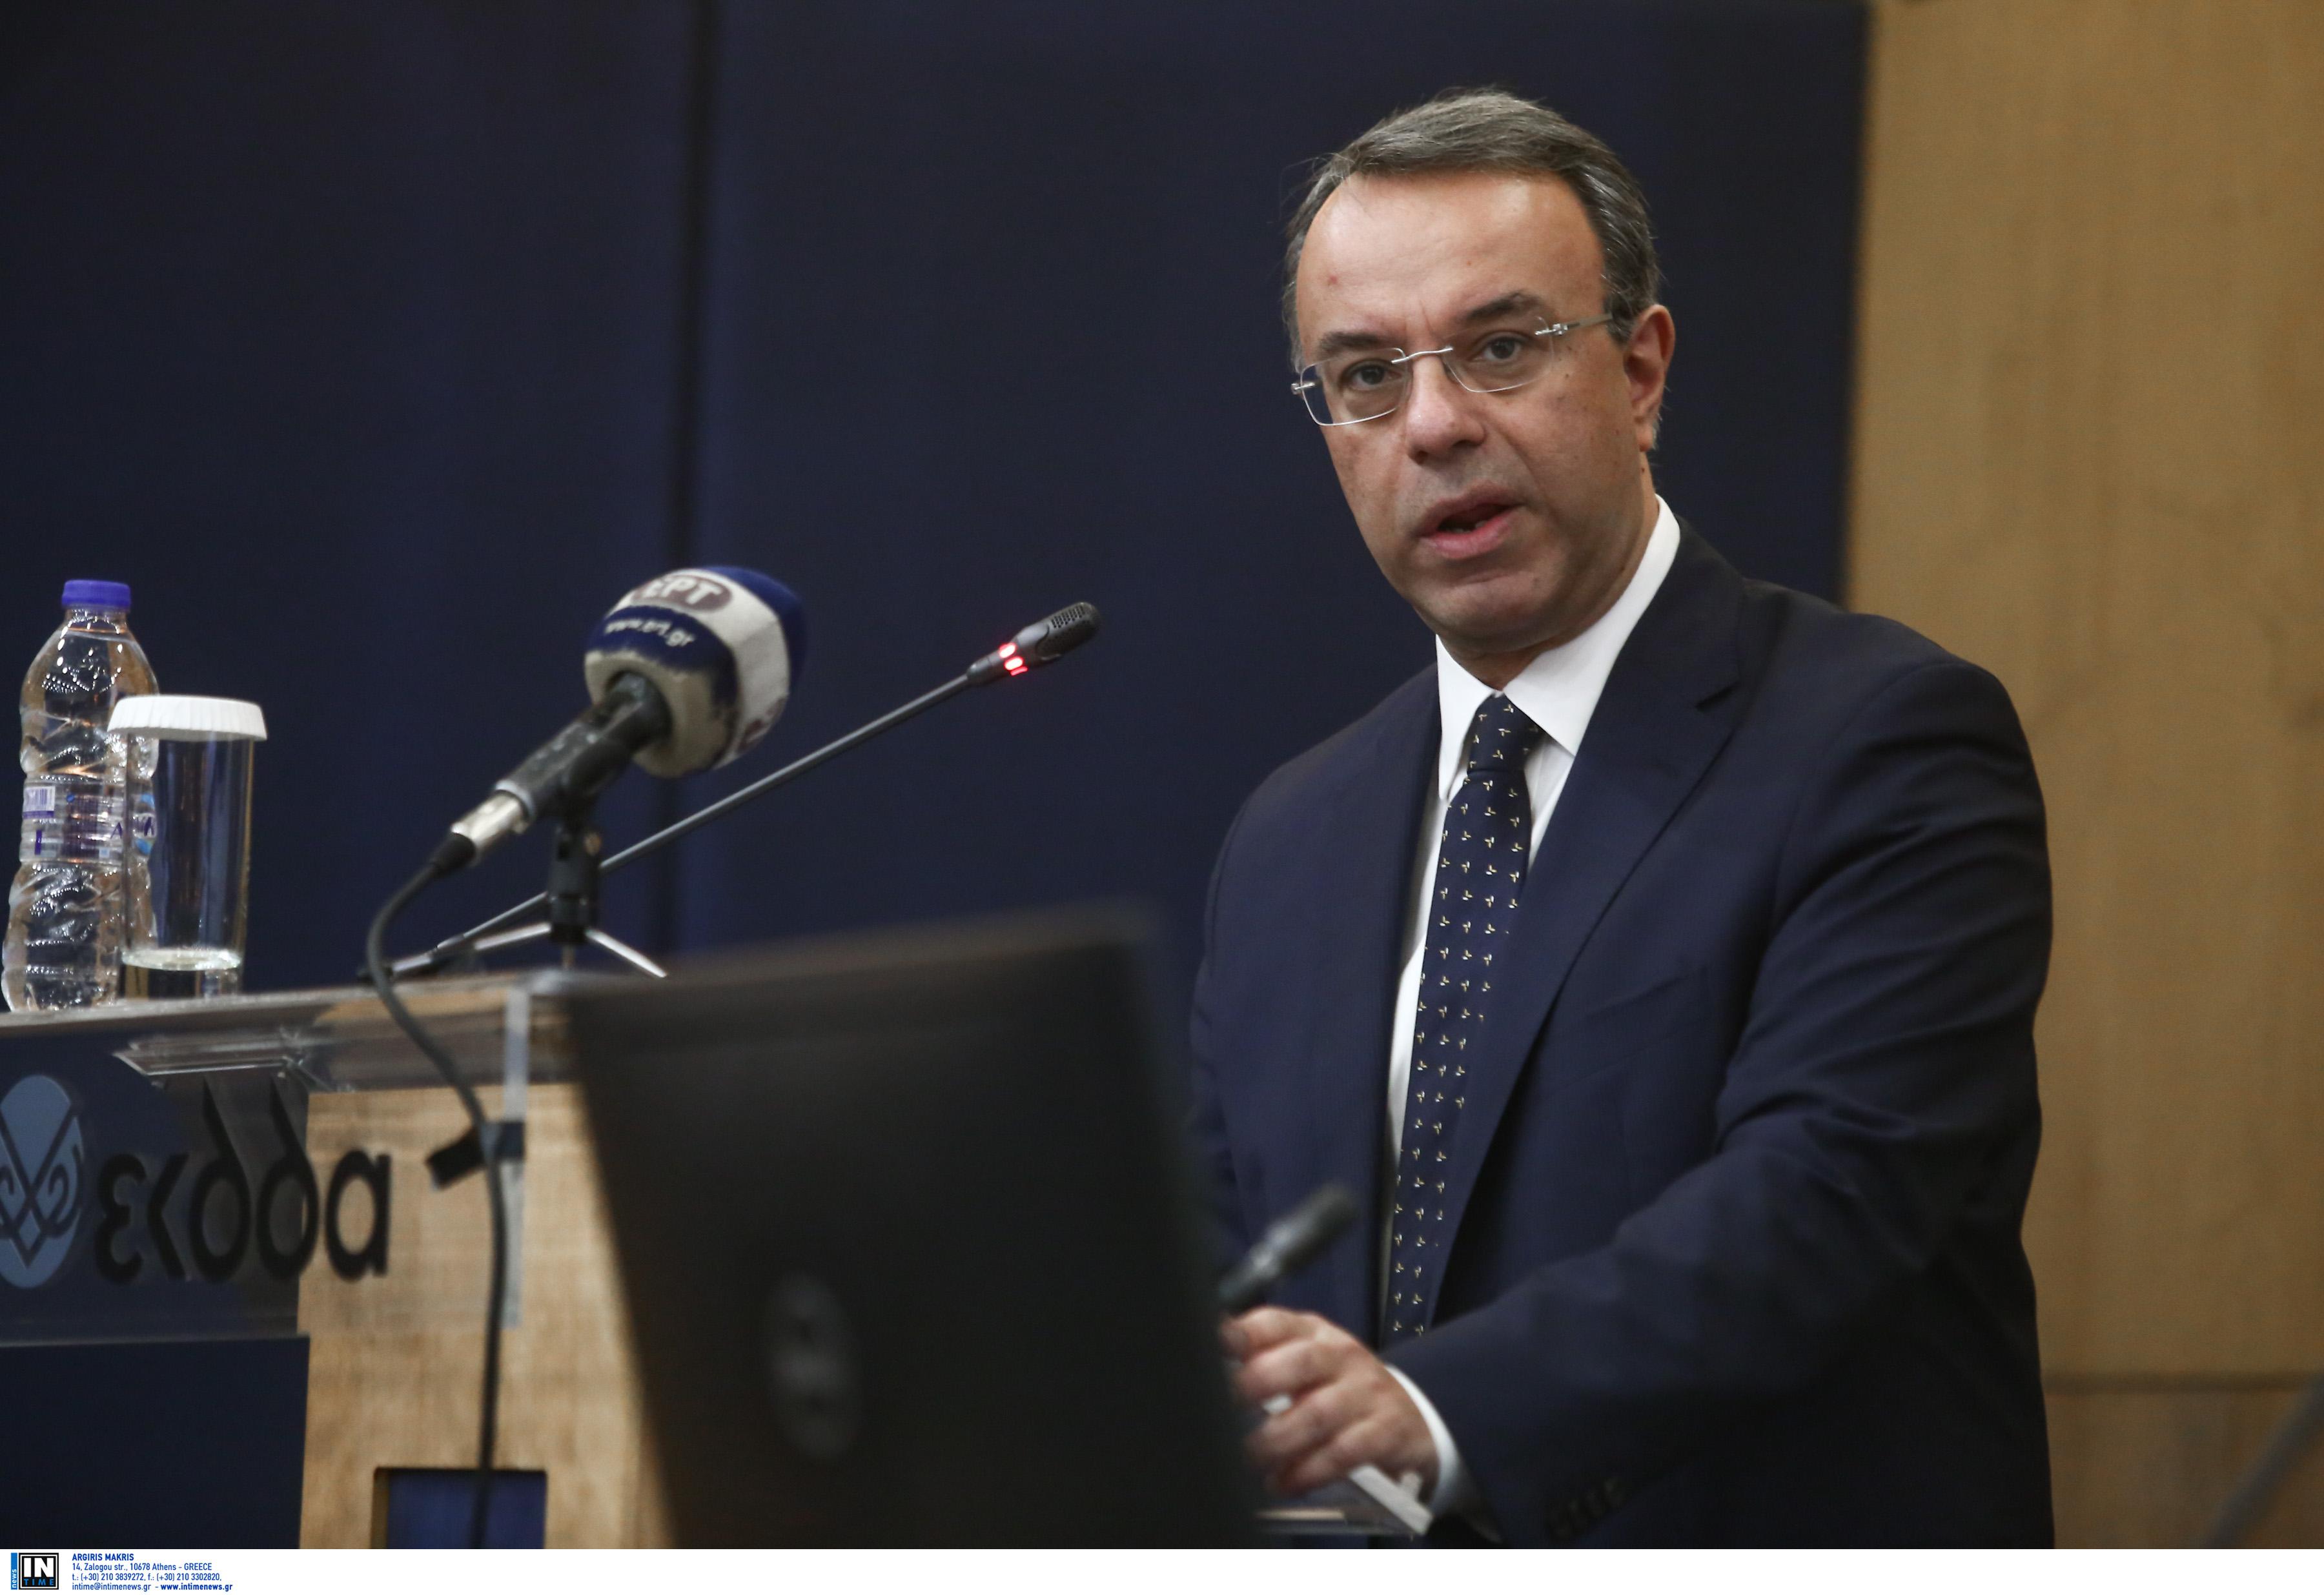 Χρήστος Σταϊκούρας: Ρεαλιστικός ο στόχος για ανάπτυξη 3,6%